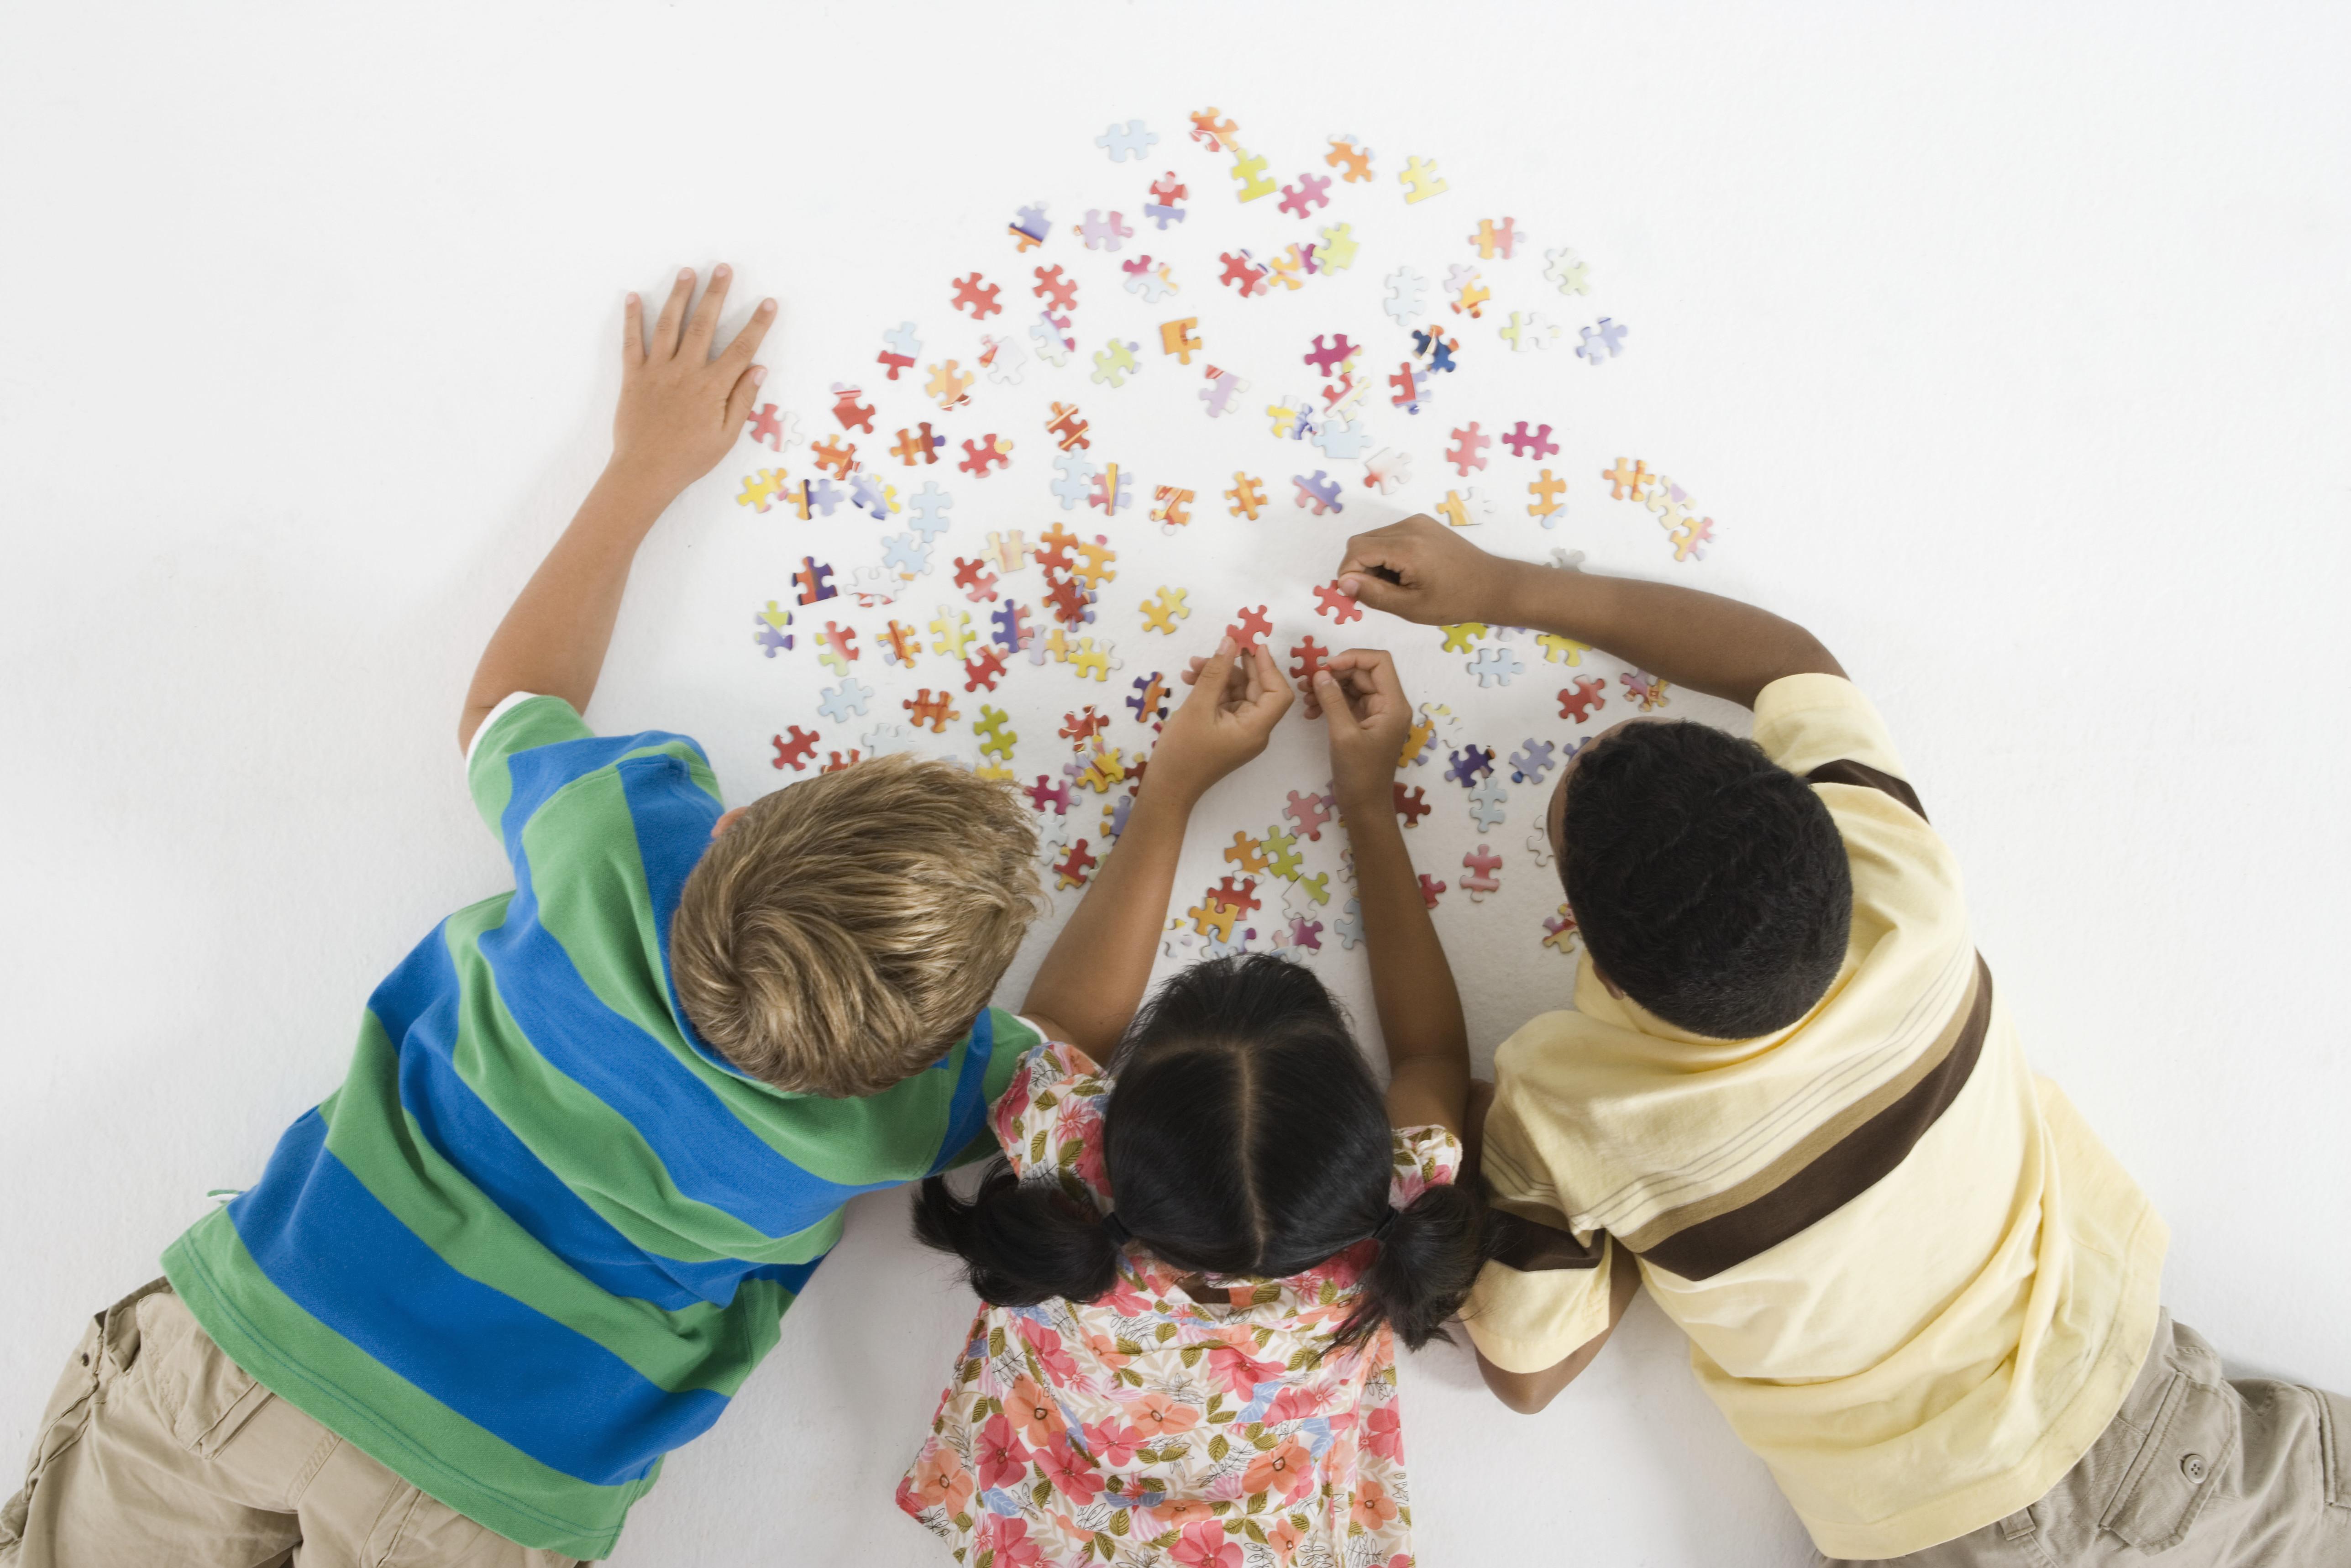 Aplica en tus clases el aprendizaje basado en proyectos (ABP)